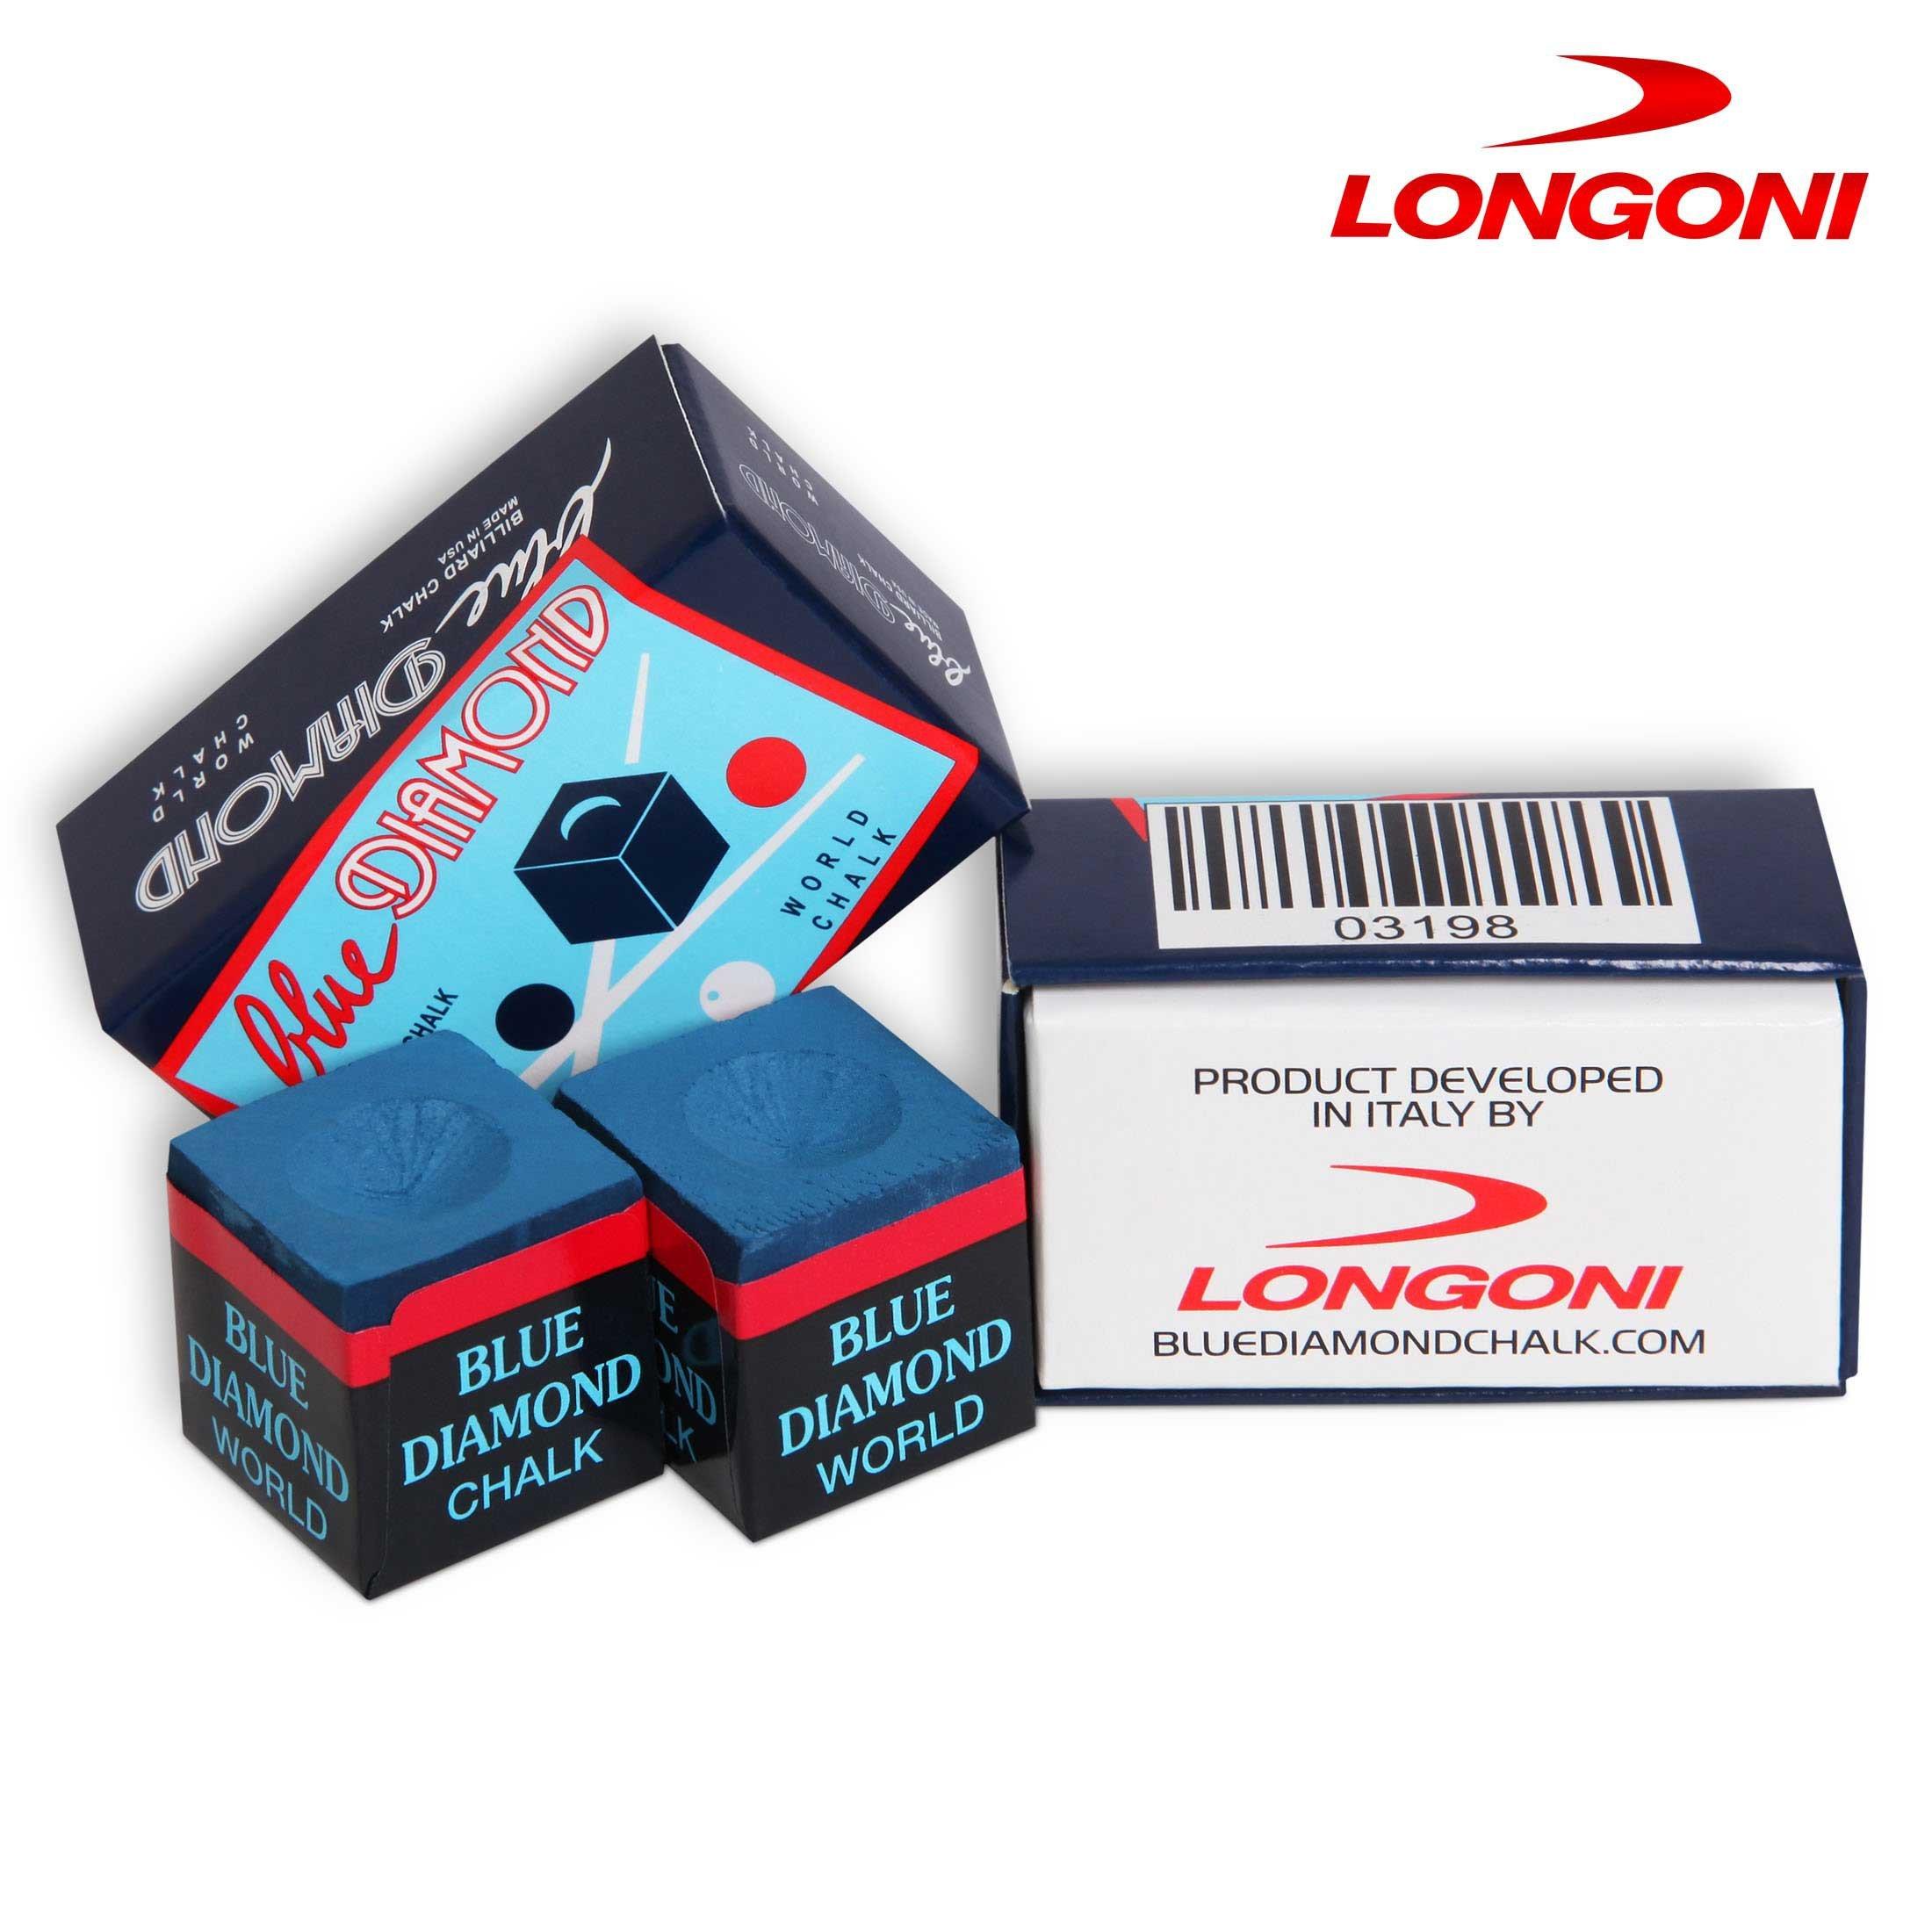 BLUE DIAMOND CHALK - GENUINE - 4 pcs - by Longoni by Blue Diamond